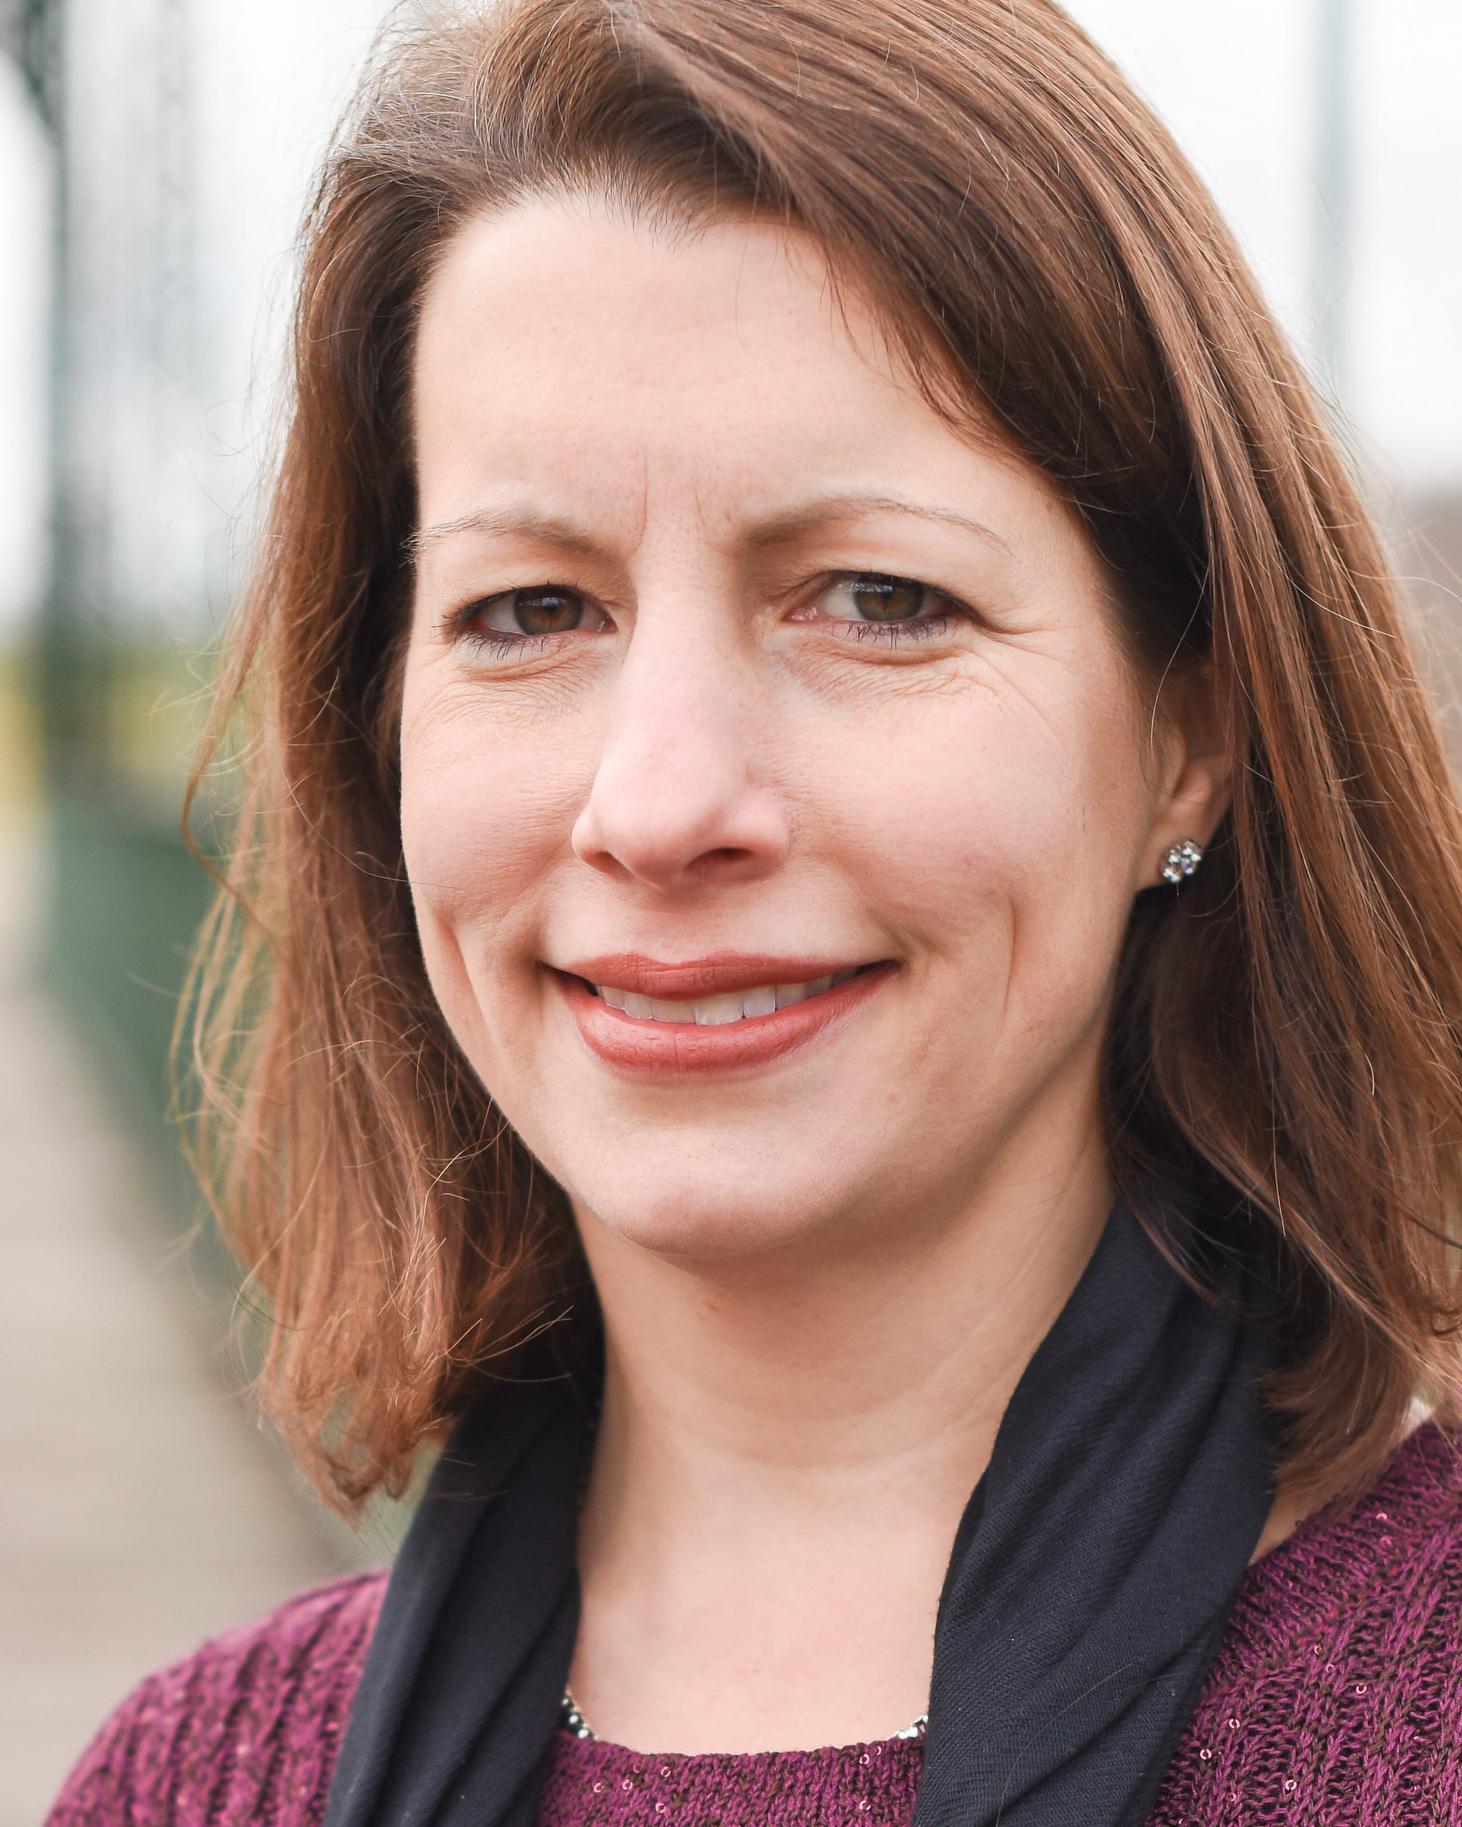 Krista Moebius Smith